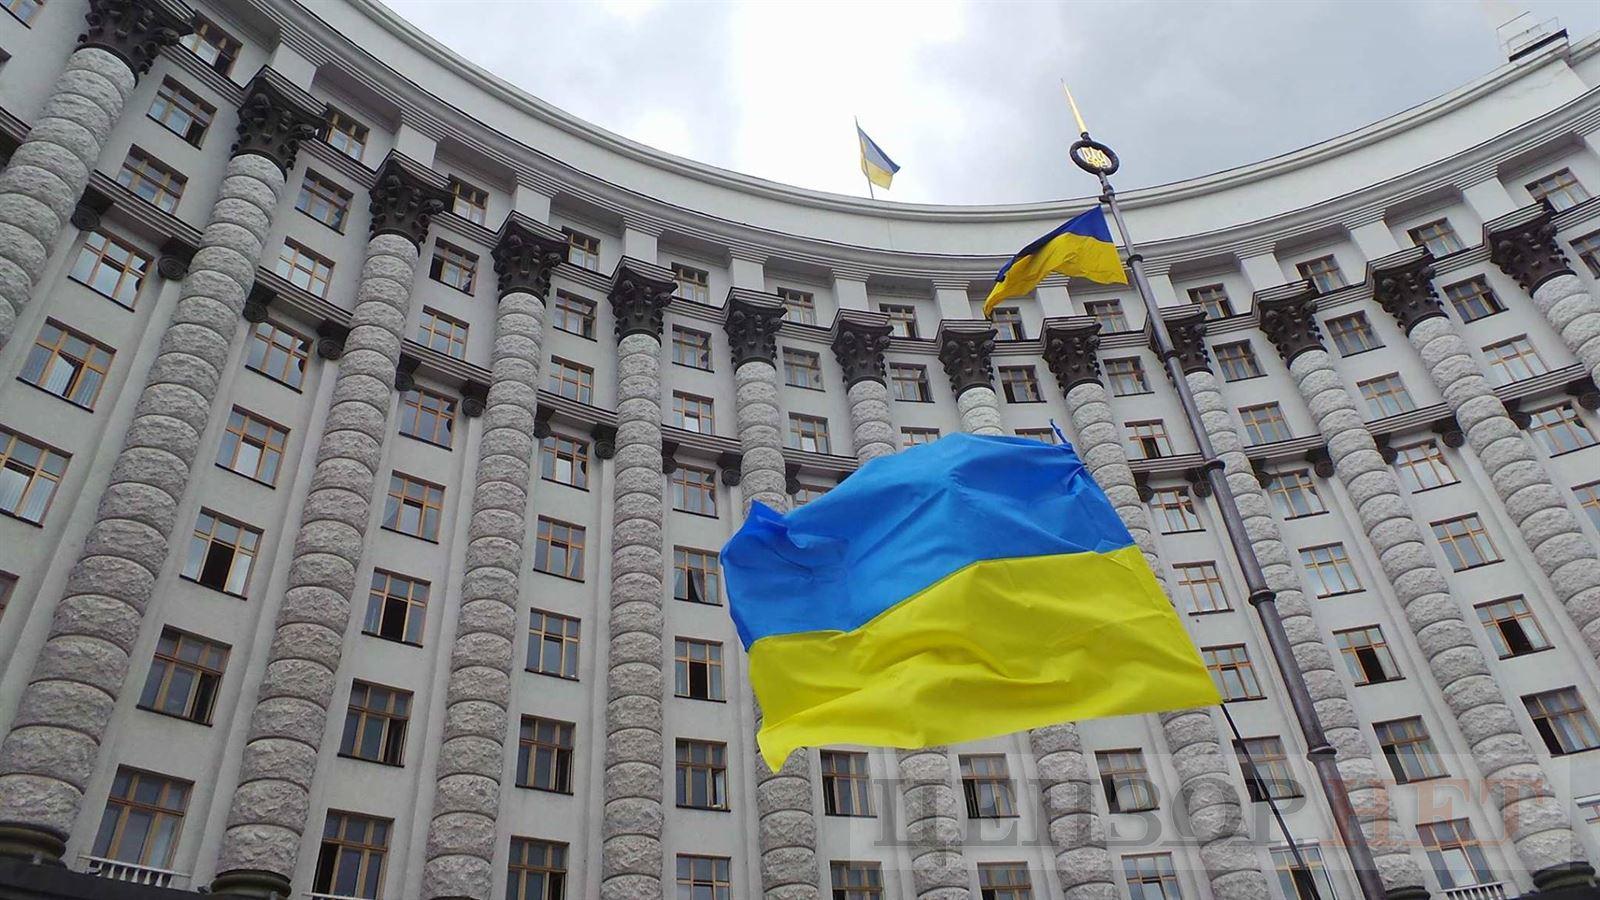 Кабінет міністрів на засіданні 29 липня затвердив прогноз економічного і соціального розвитку України на 2021-2023 роки.